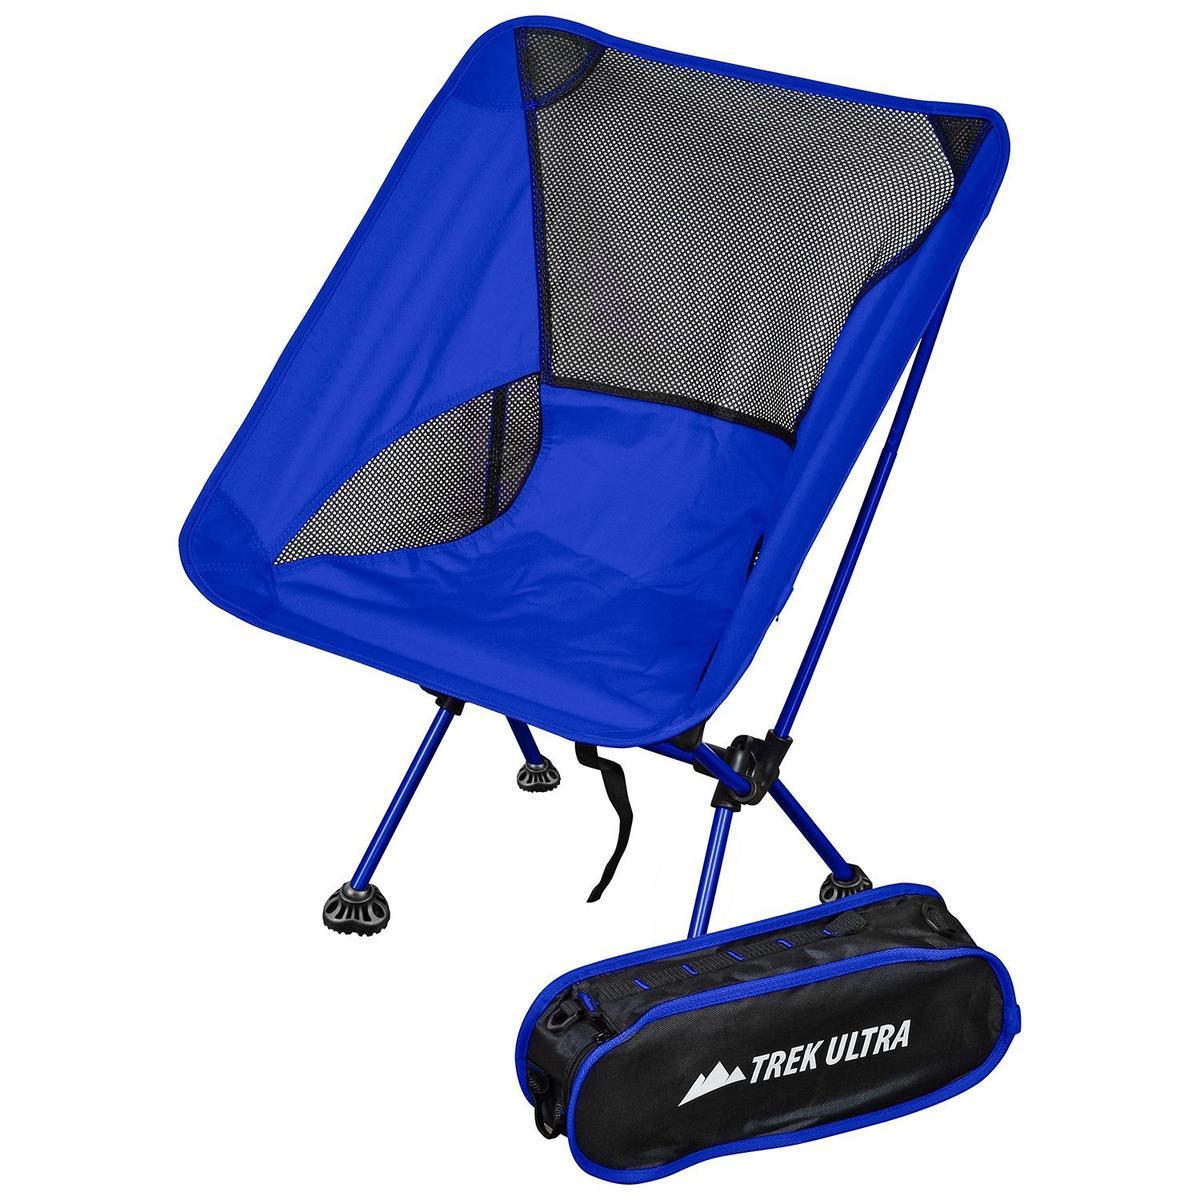 折りたたみイス 持ち運び バッグ付き チェア ロイヤルブルー 椅子 ポータブル キャンプ トラベル アウトドア TrekUltra